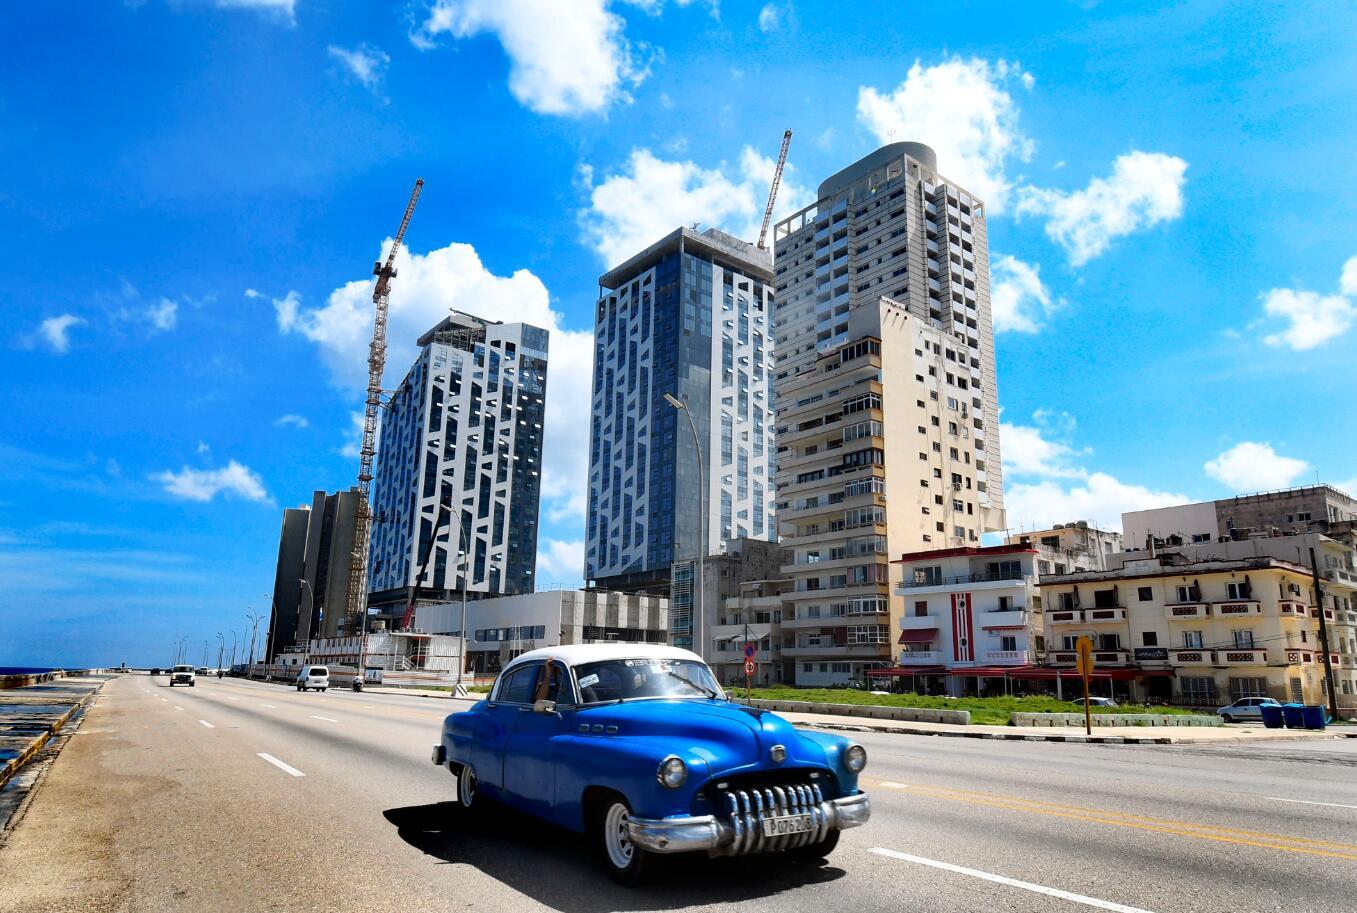 10月5日,一輛老爺車在古巴哈瓦那街道上行駛。(新華社)